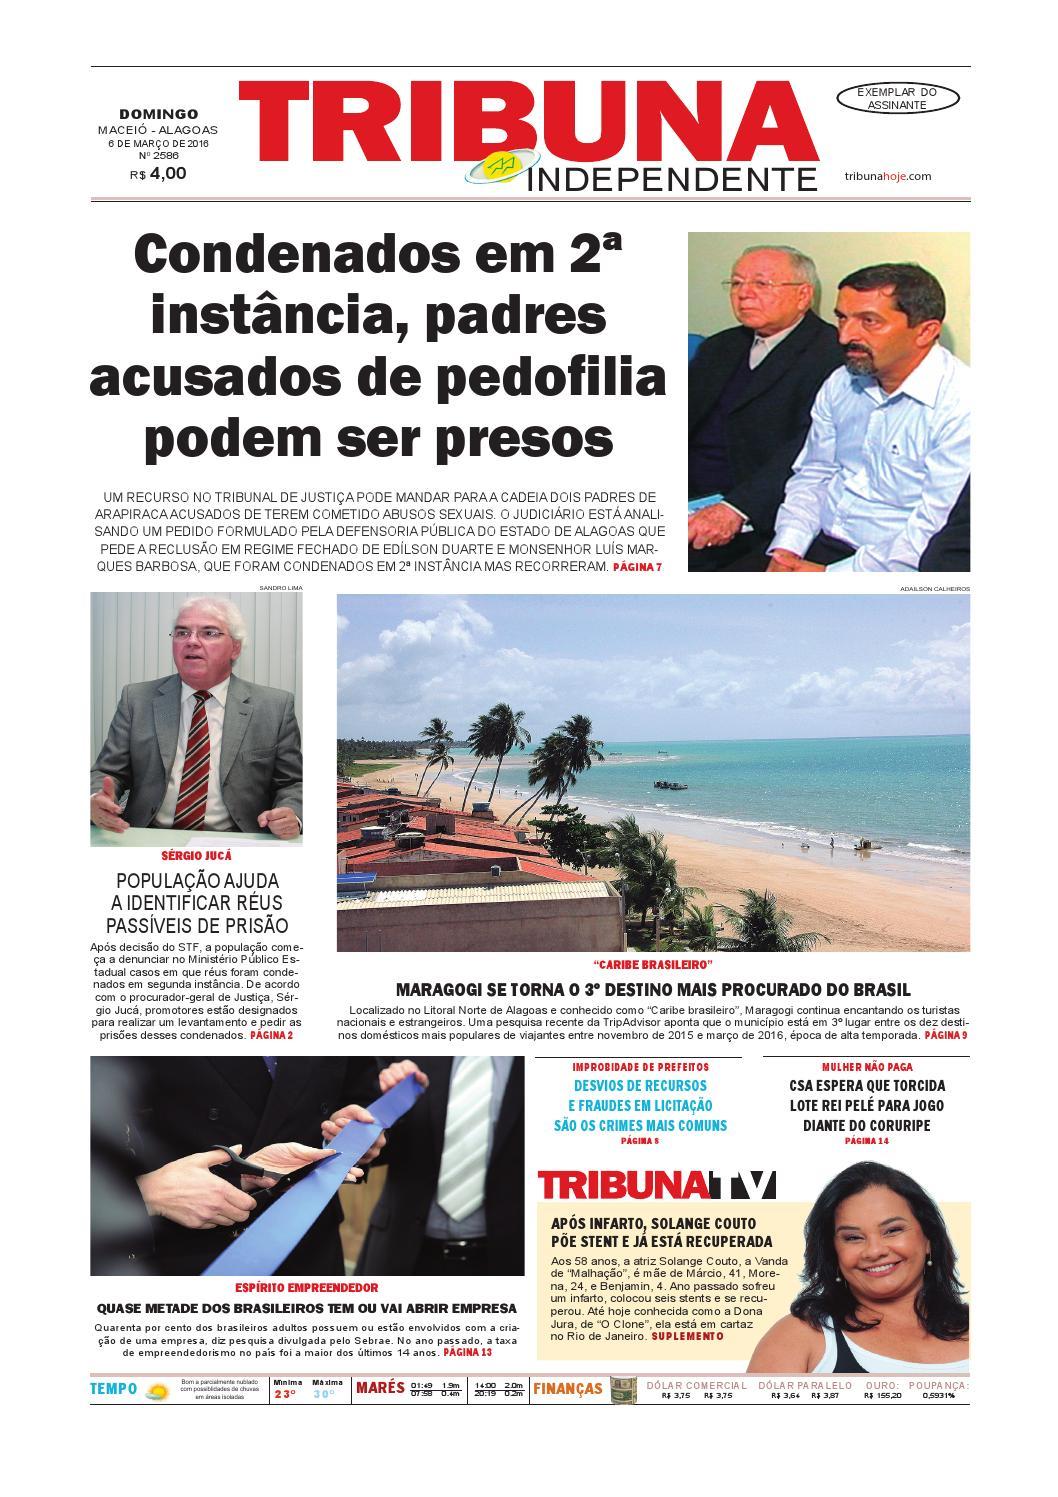 c000d40851d Edição número 2586 - 6 de março de 2016 by Tribuna Hoje - issuu